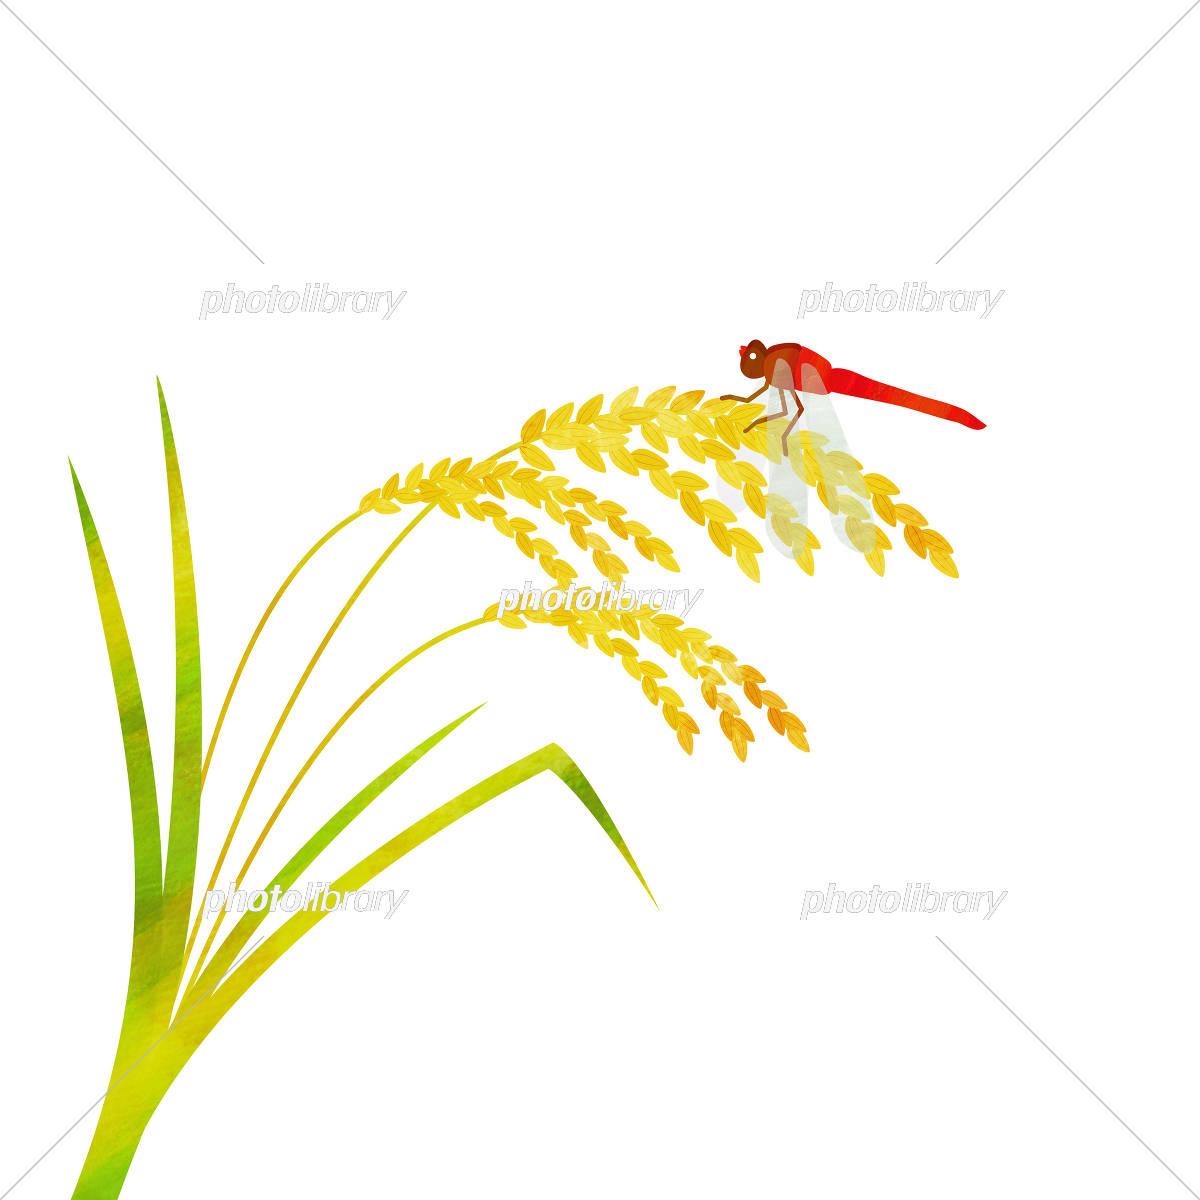 稲穂と赤とんぼ イラスト素材 3208551 フォトライブラリー